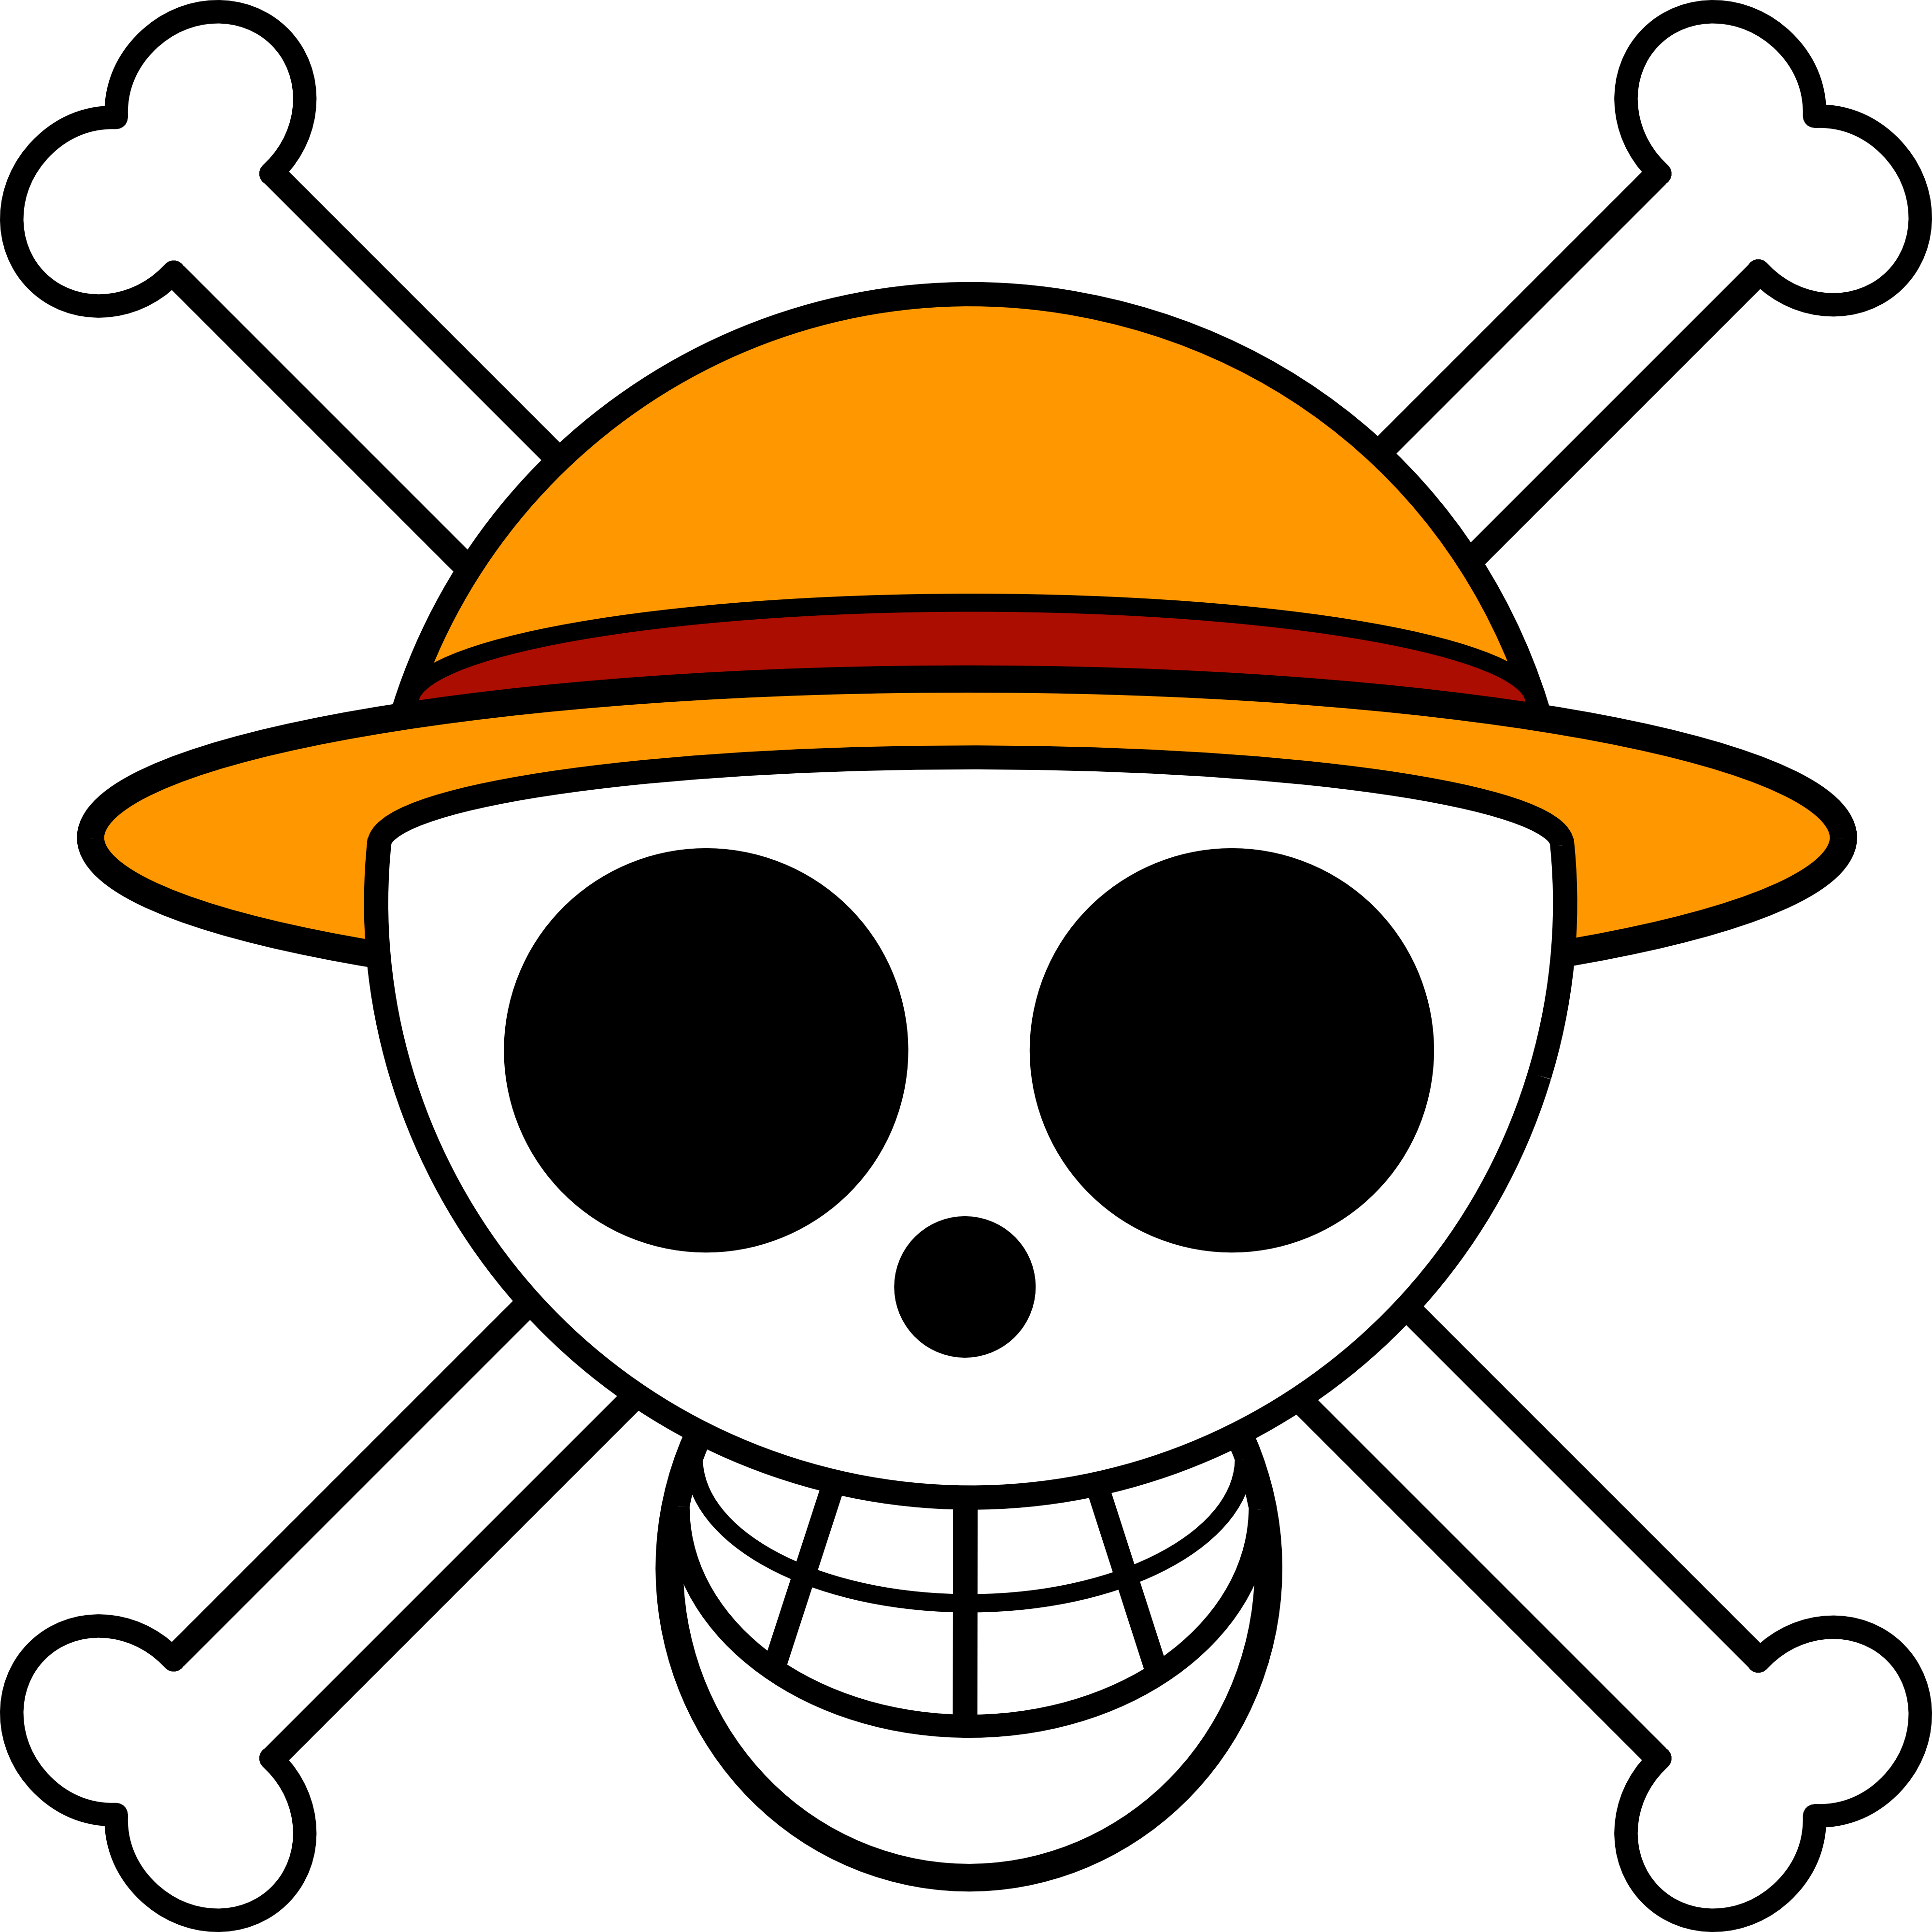 Straw Hat Pirates Jolly Roger One Piece Manga One Piece Anime One Piece Logo